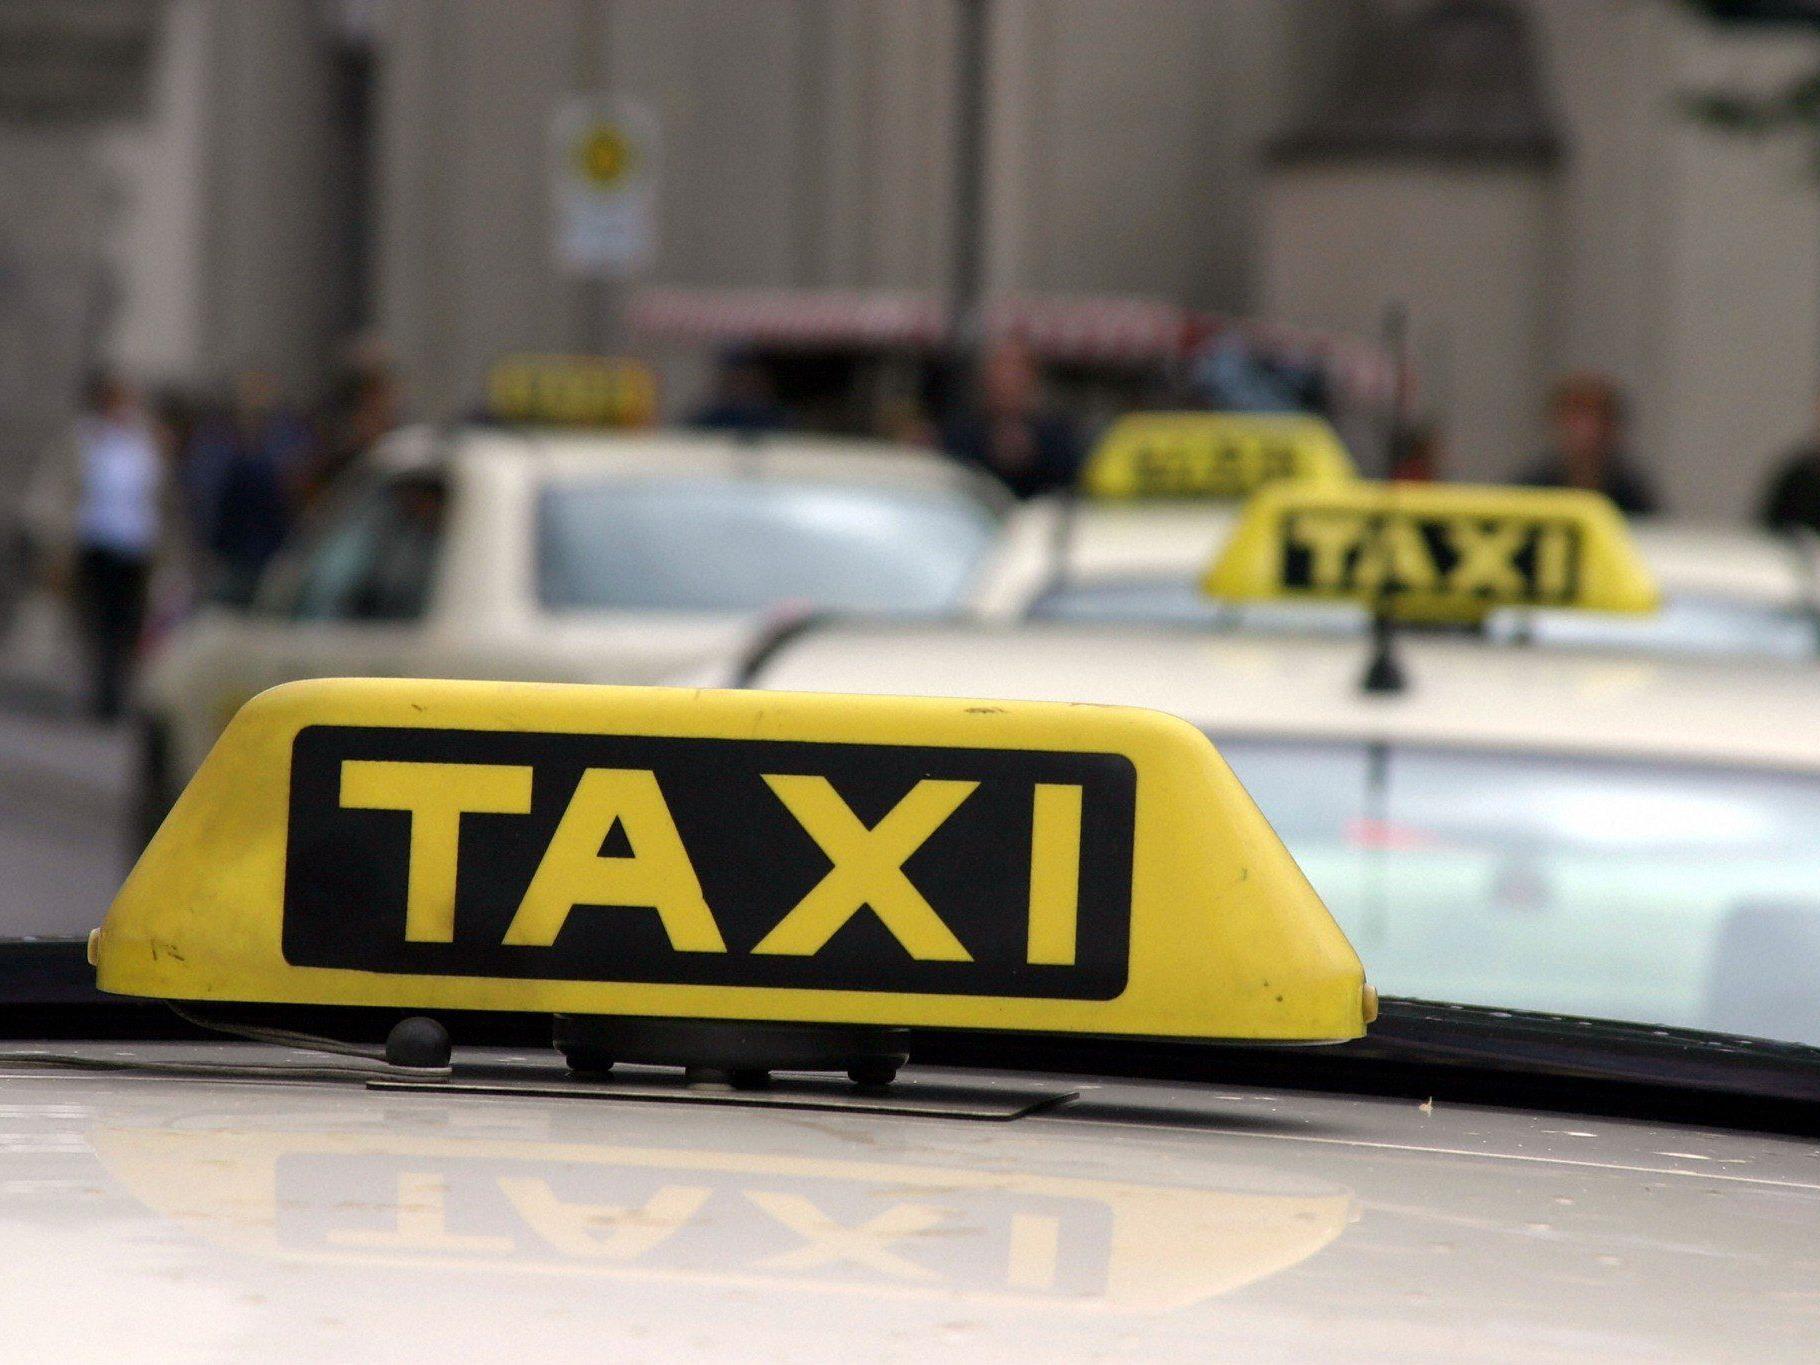 Nach einer weiteren verbalen Auseinandersetzung kam es dann zu einer Rauferei zwischen dem Taxifahrer und dem Fahrgast, bei der sich beide Männer durch Faustschläge Verletzungen zufügten.